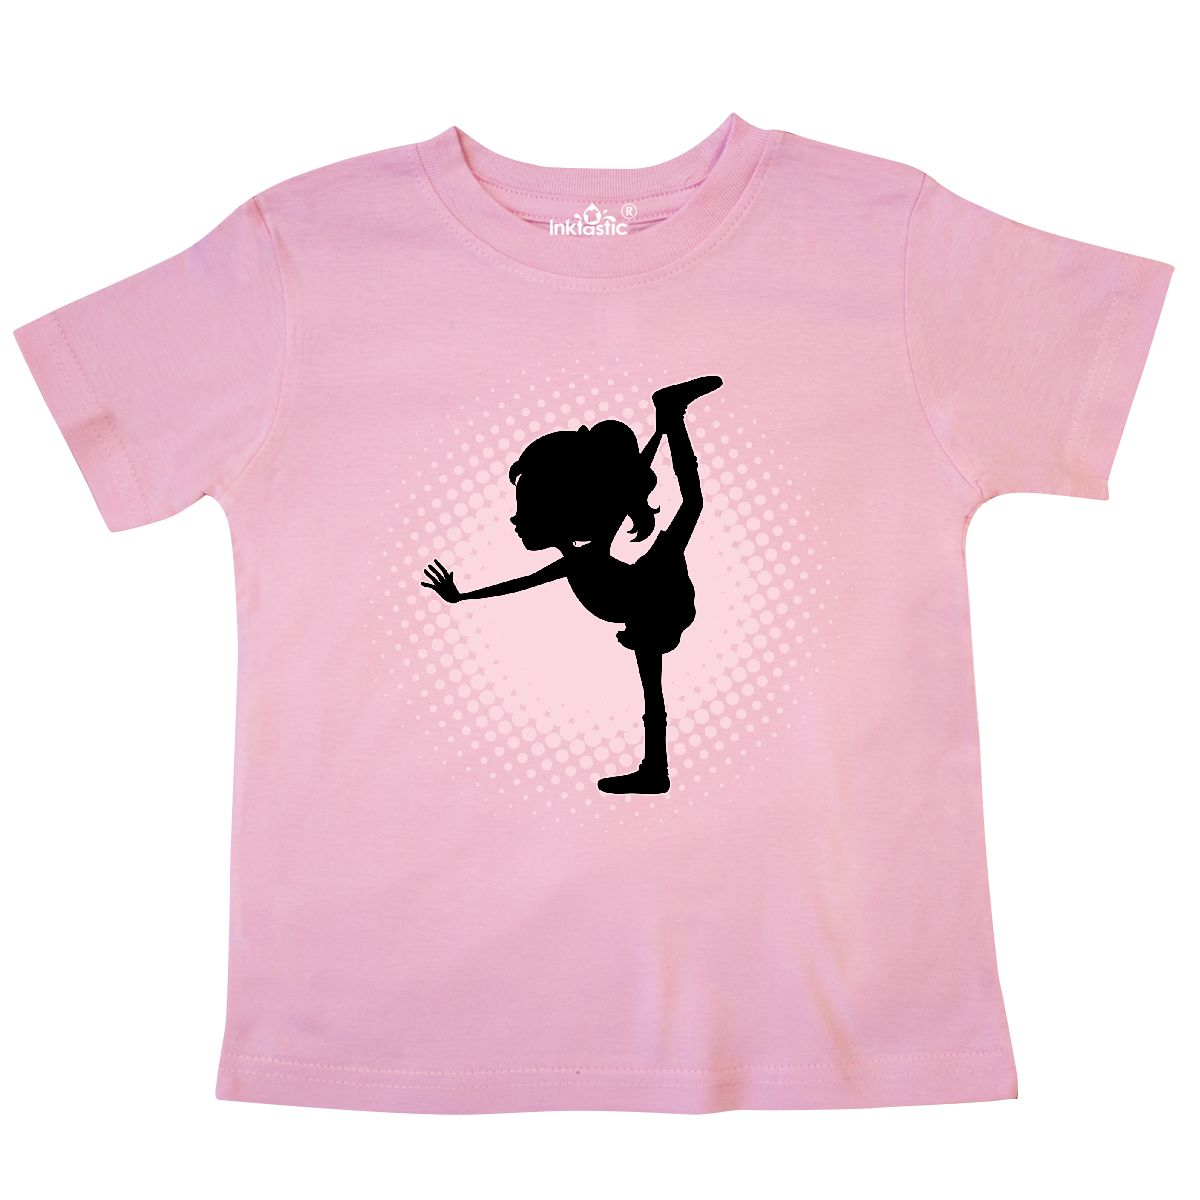 d5a2725e2 Inktastic Ballet Dancer Girl Ballerina Toddler T-Shirt Dance Dancing ...